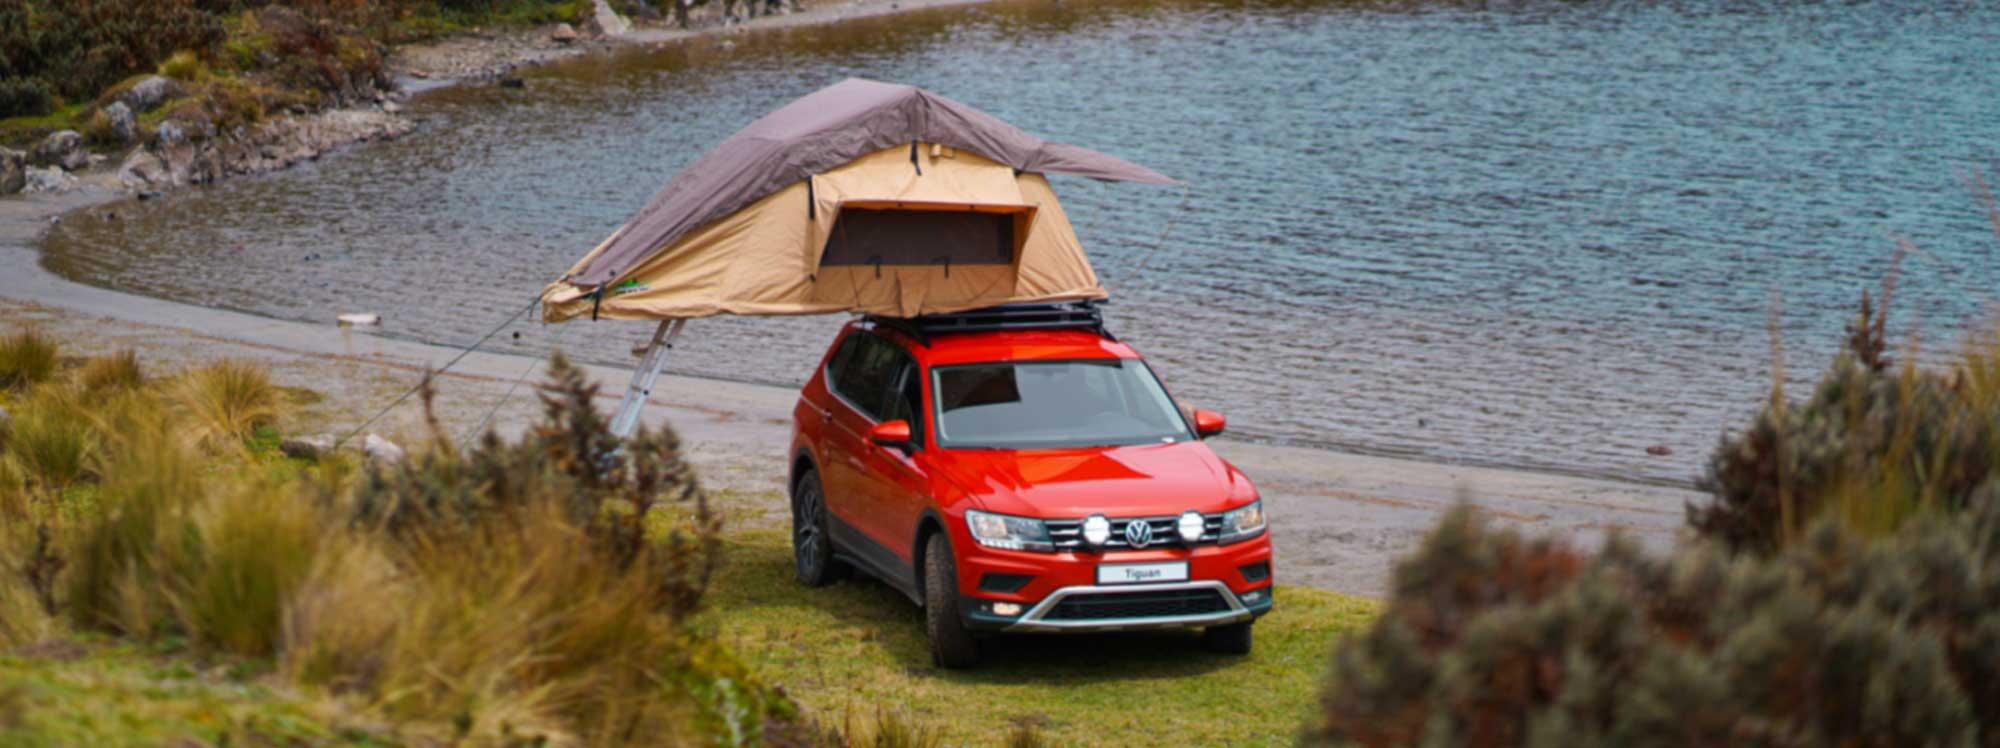 Overlanding, una nueva experiencia de aventura en su auto